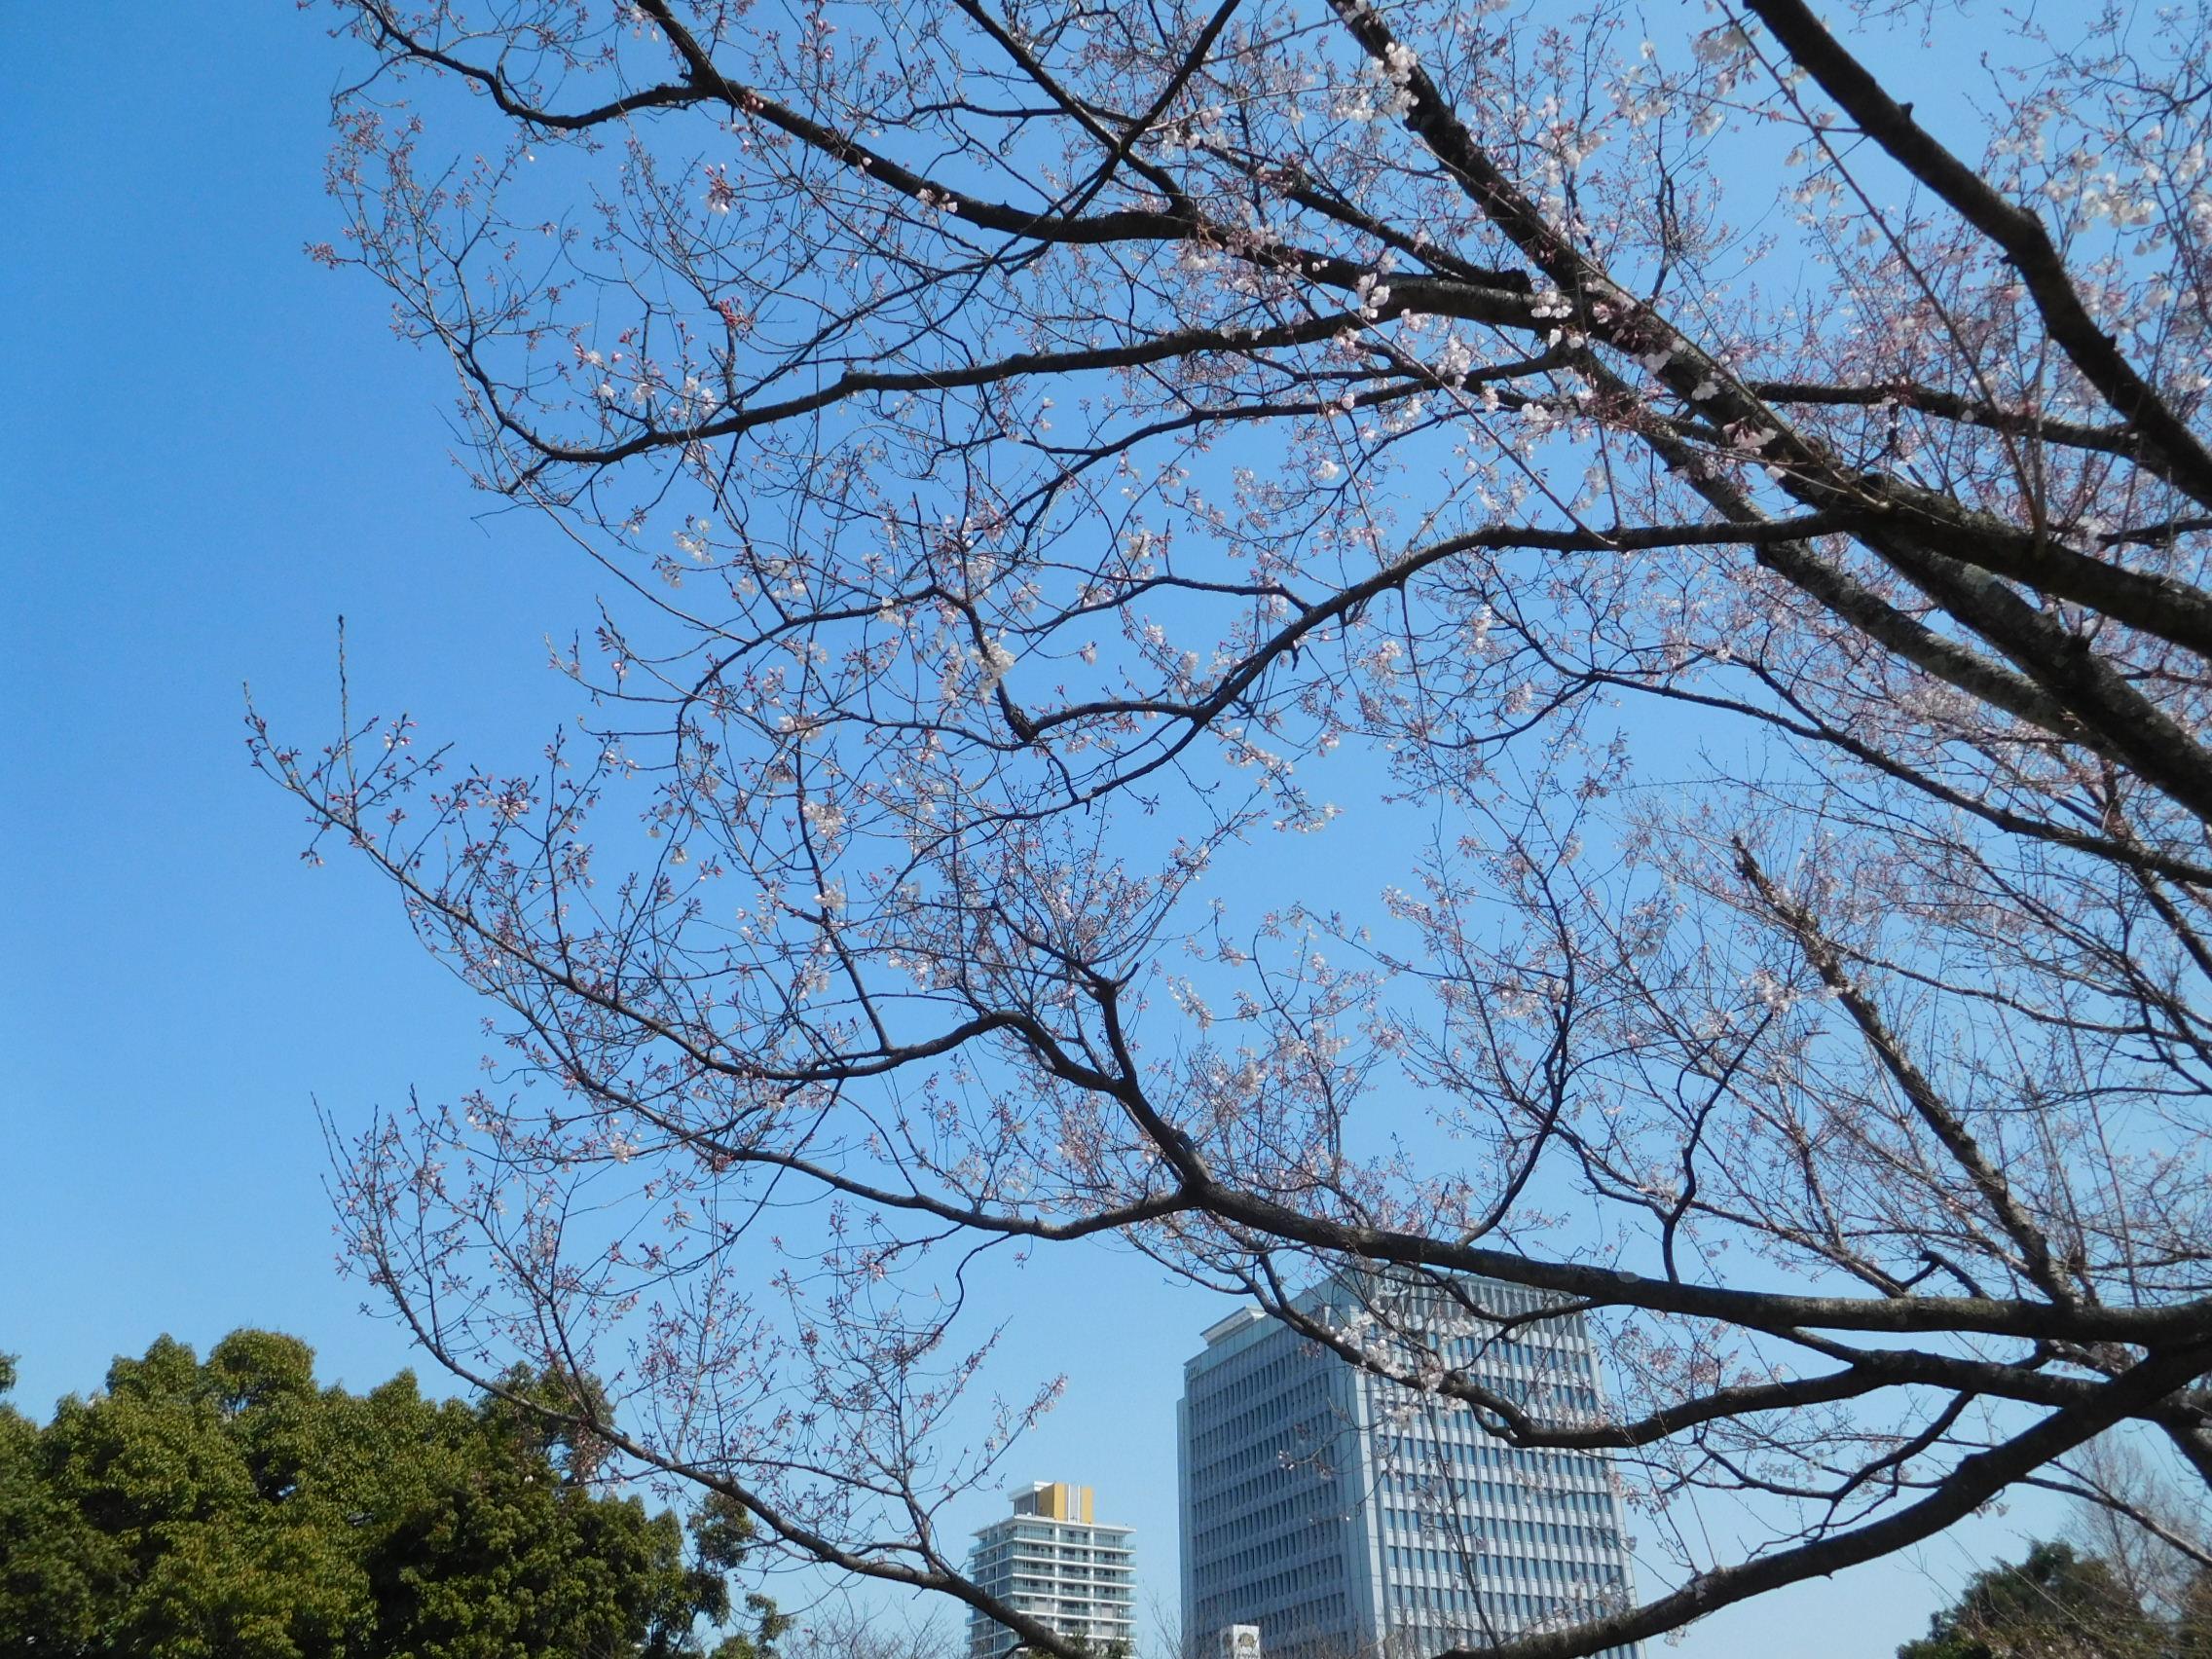 http://www.midorimachi.jp/blog/DSCN3736.JPG